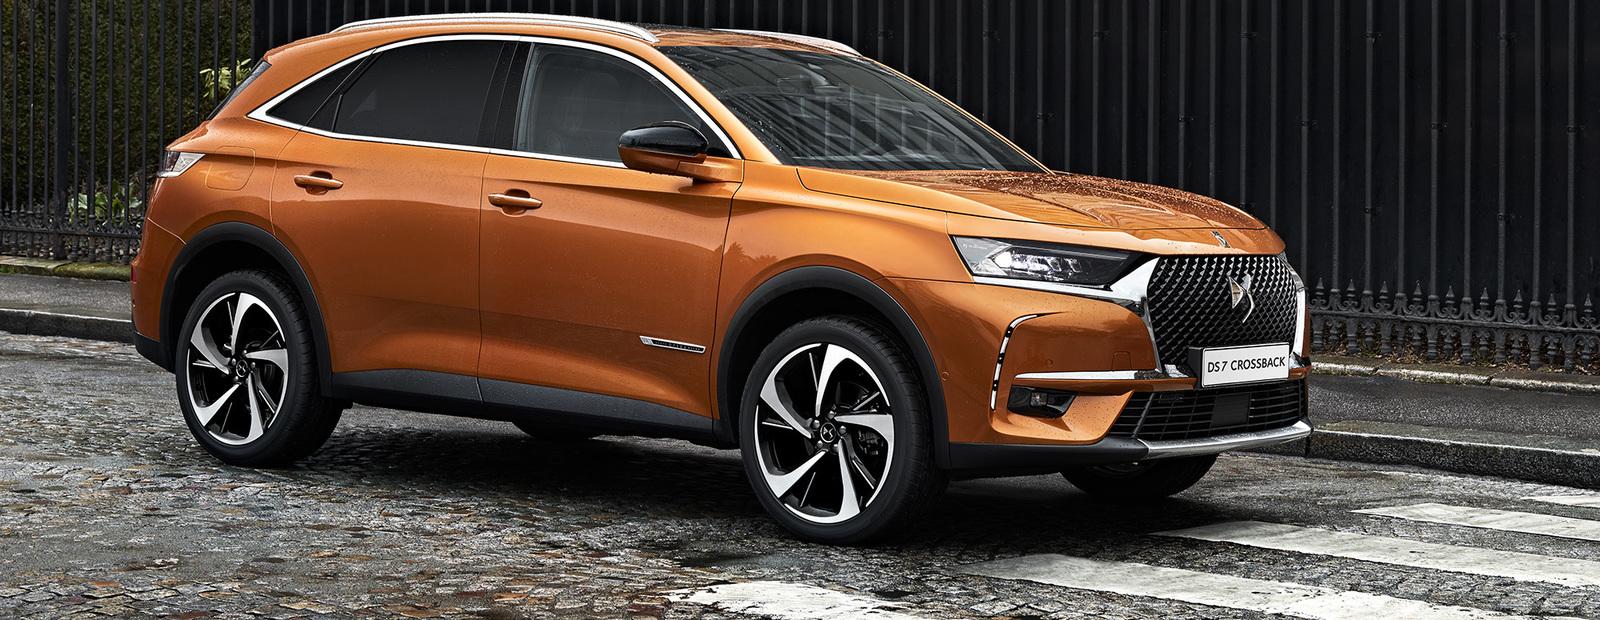 На российский рынок выходит новая автомобильная марка